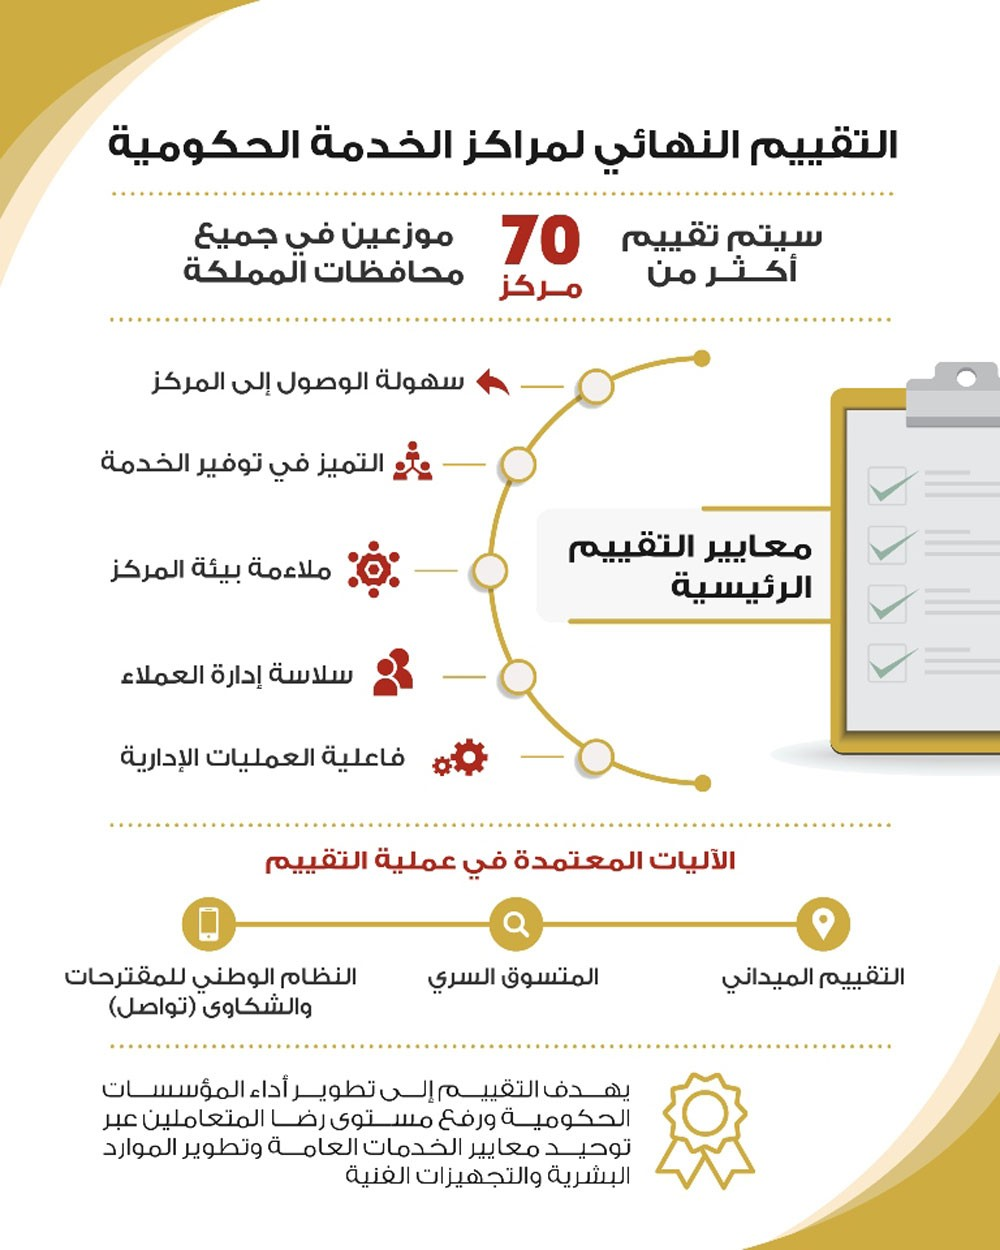 لجنة تقييم مراكز الخدمة الحكومية تعلن عن انطلاق التقييم النهائي لـ70 مركز